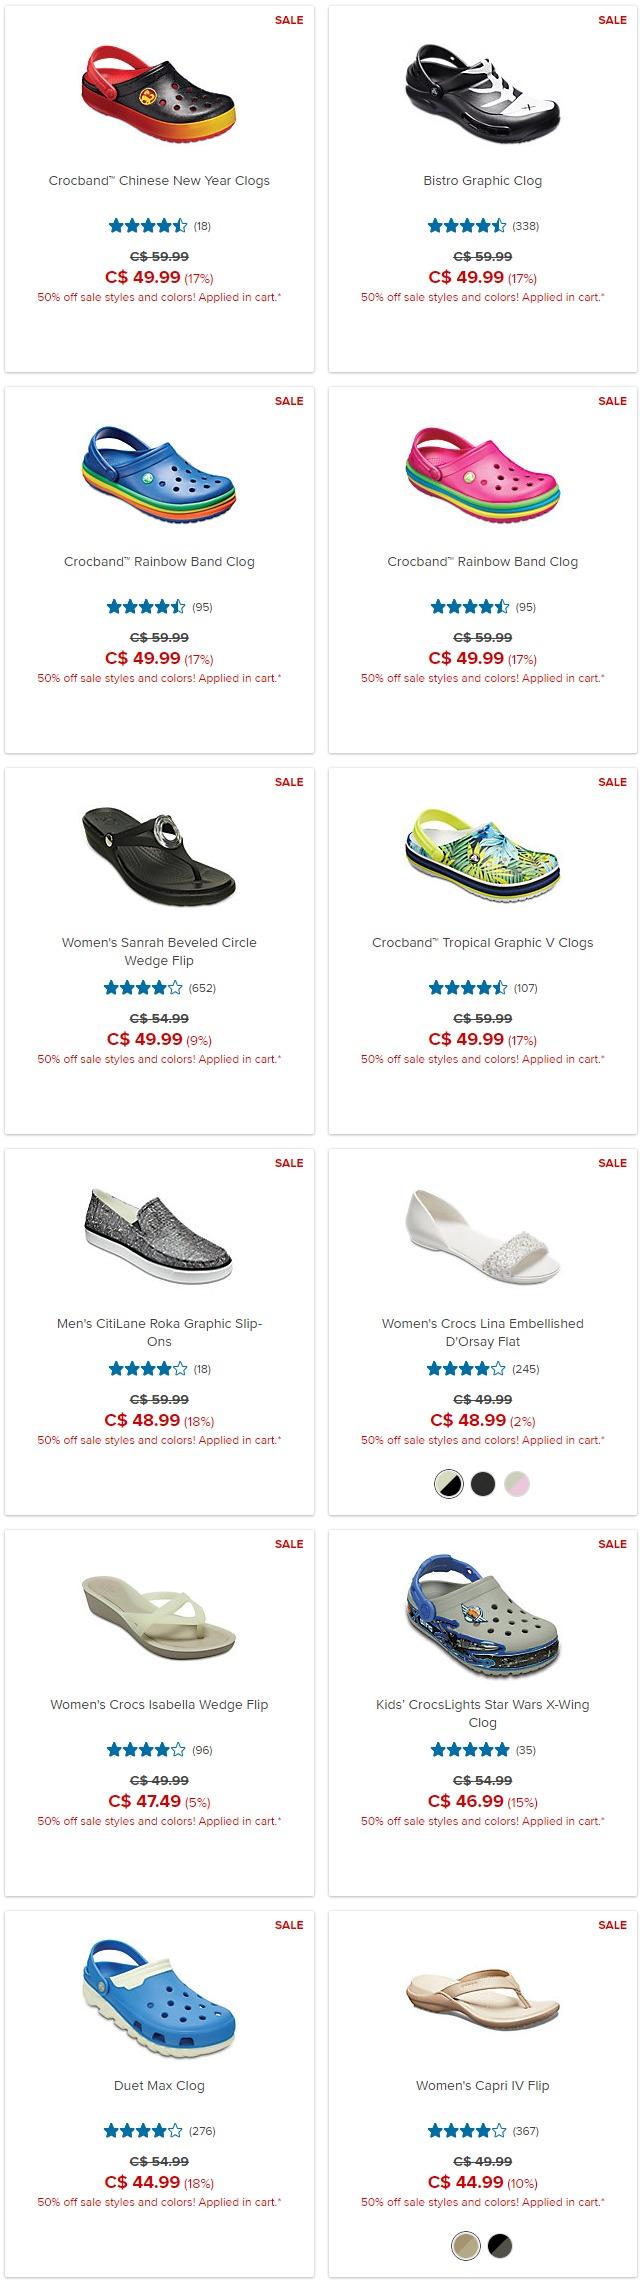 最后一天!Crocs 卡洛驰洞洞鞋换季清仓!精选鞋靴5折起+额外5折!